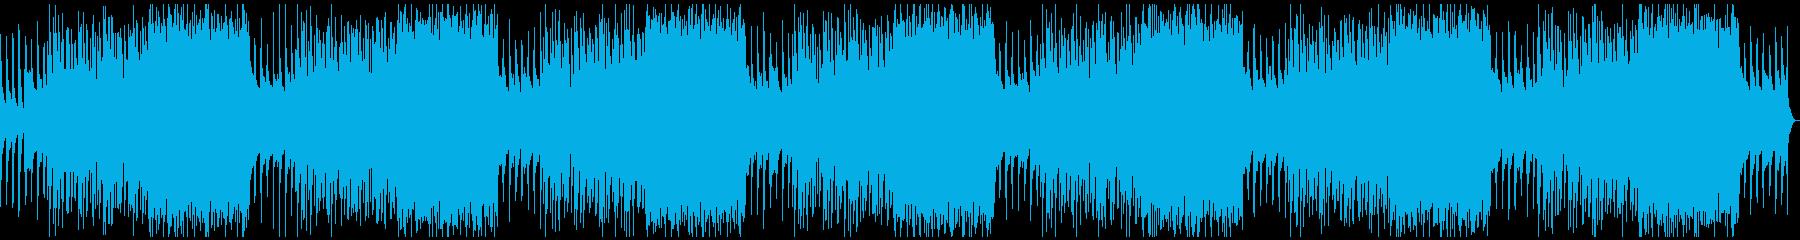 チルアウト、ローファイの再生済みの波形